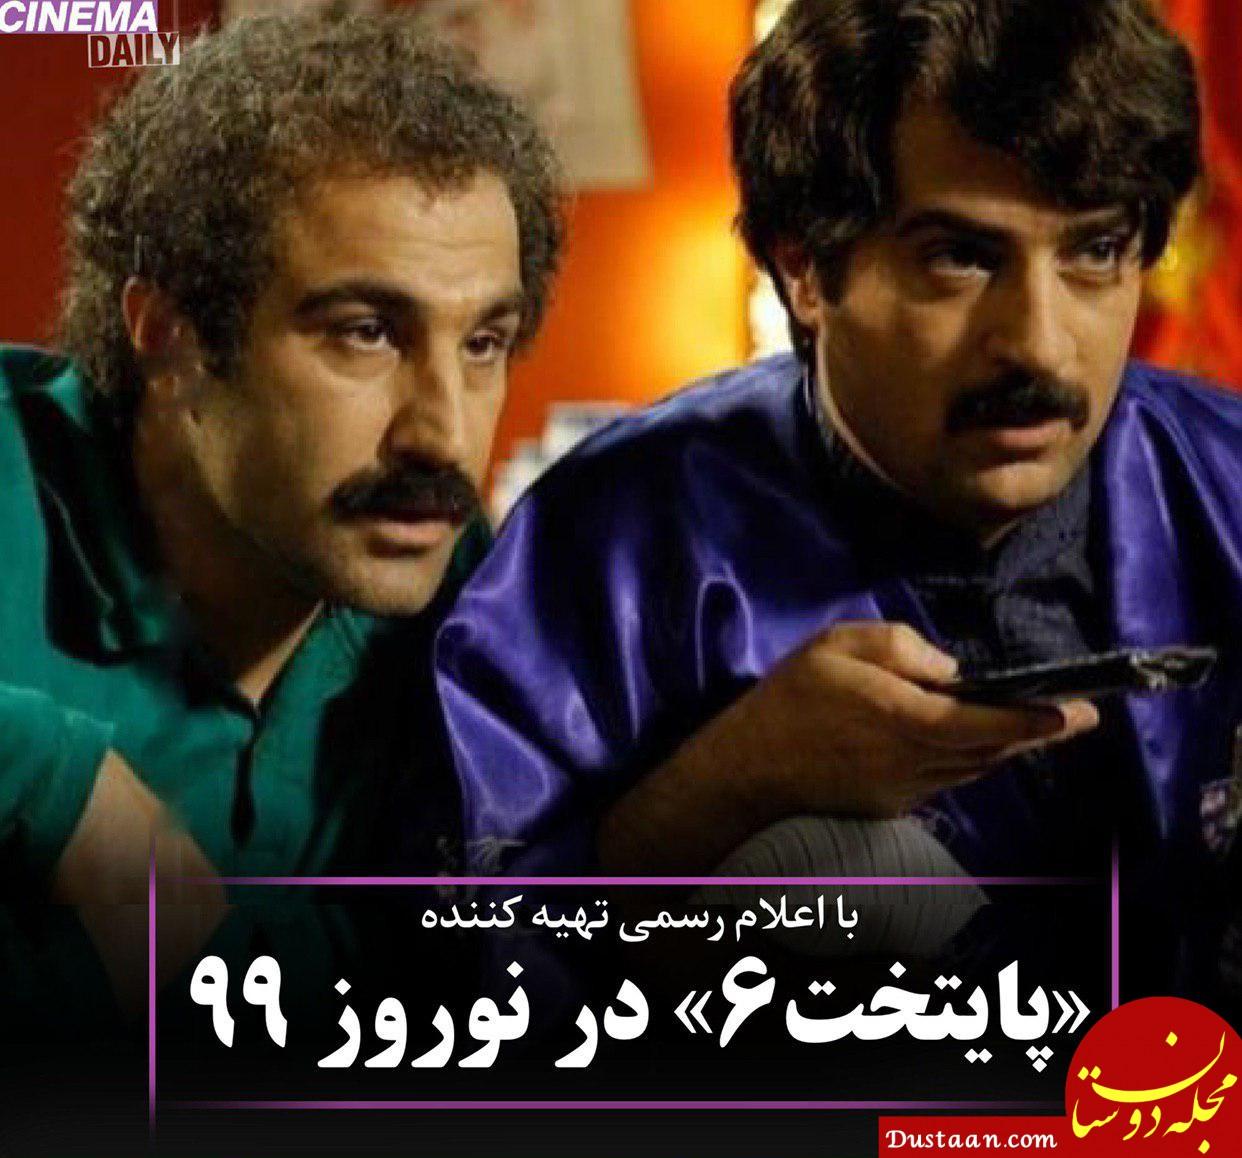 www.dustaan.com آخرین خبرها از ساخت «پایتخت ۶» برای نوروز ۹۹